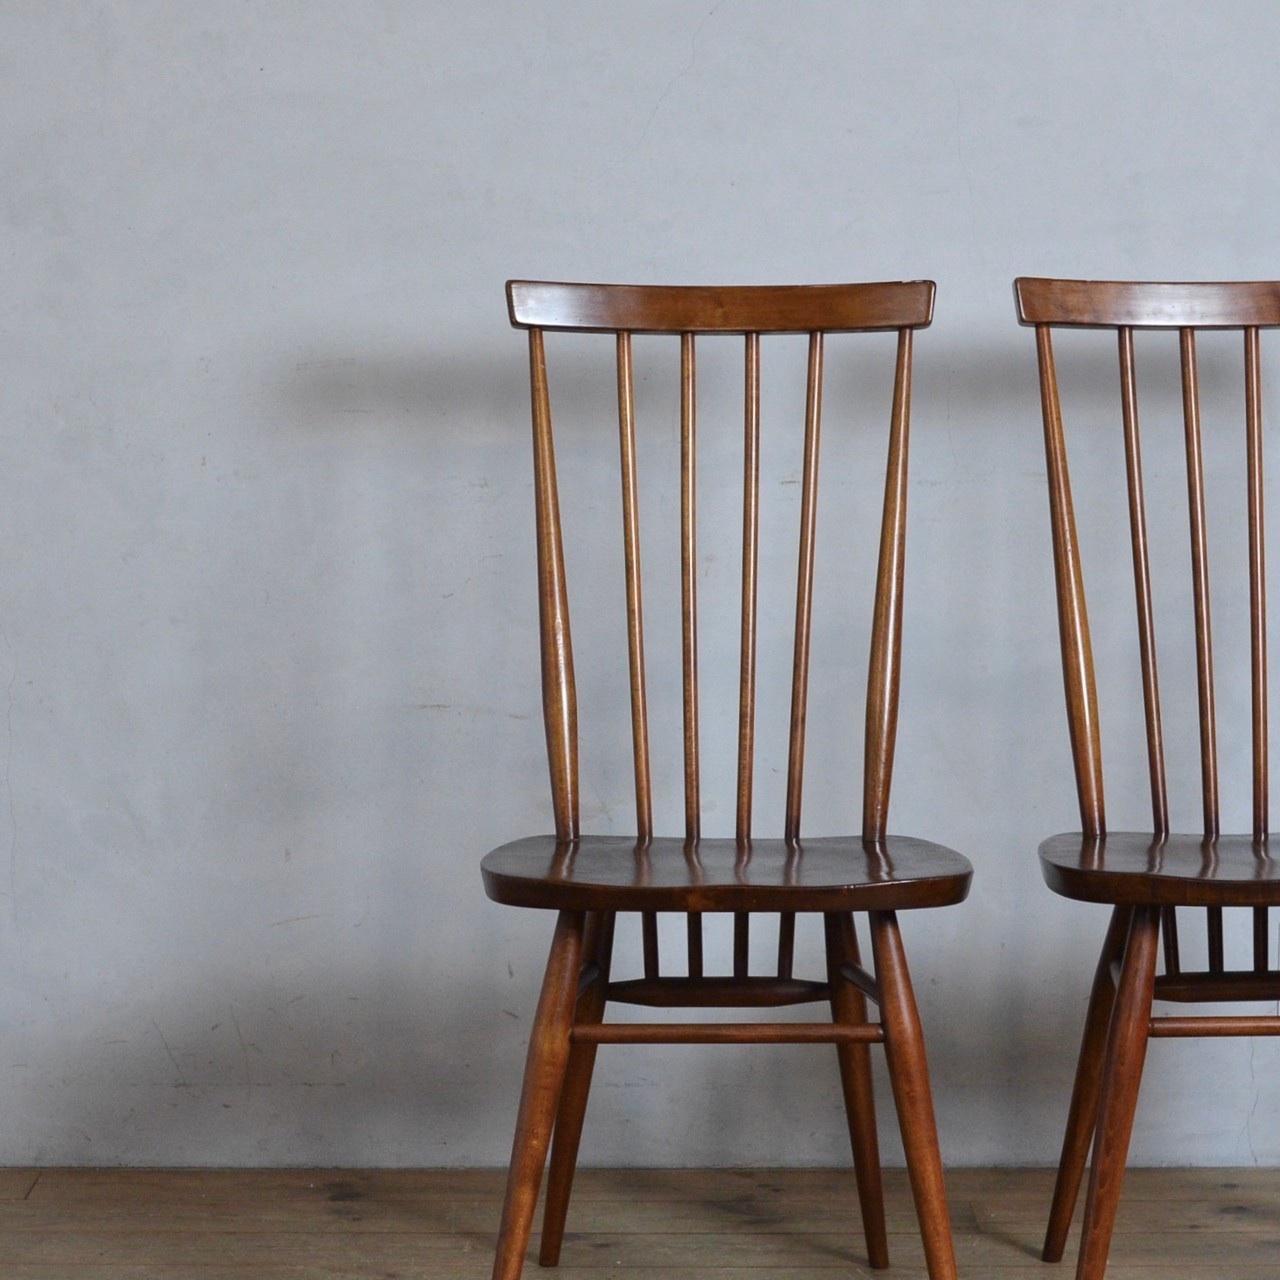 Ercol Stickback Chair / アーコール スティックバック チェア 【B】〈ダイニングチェア〉112116